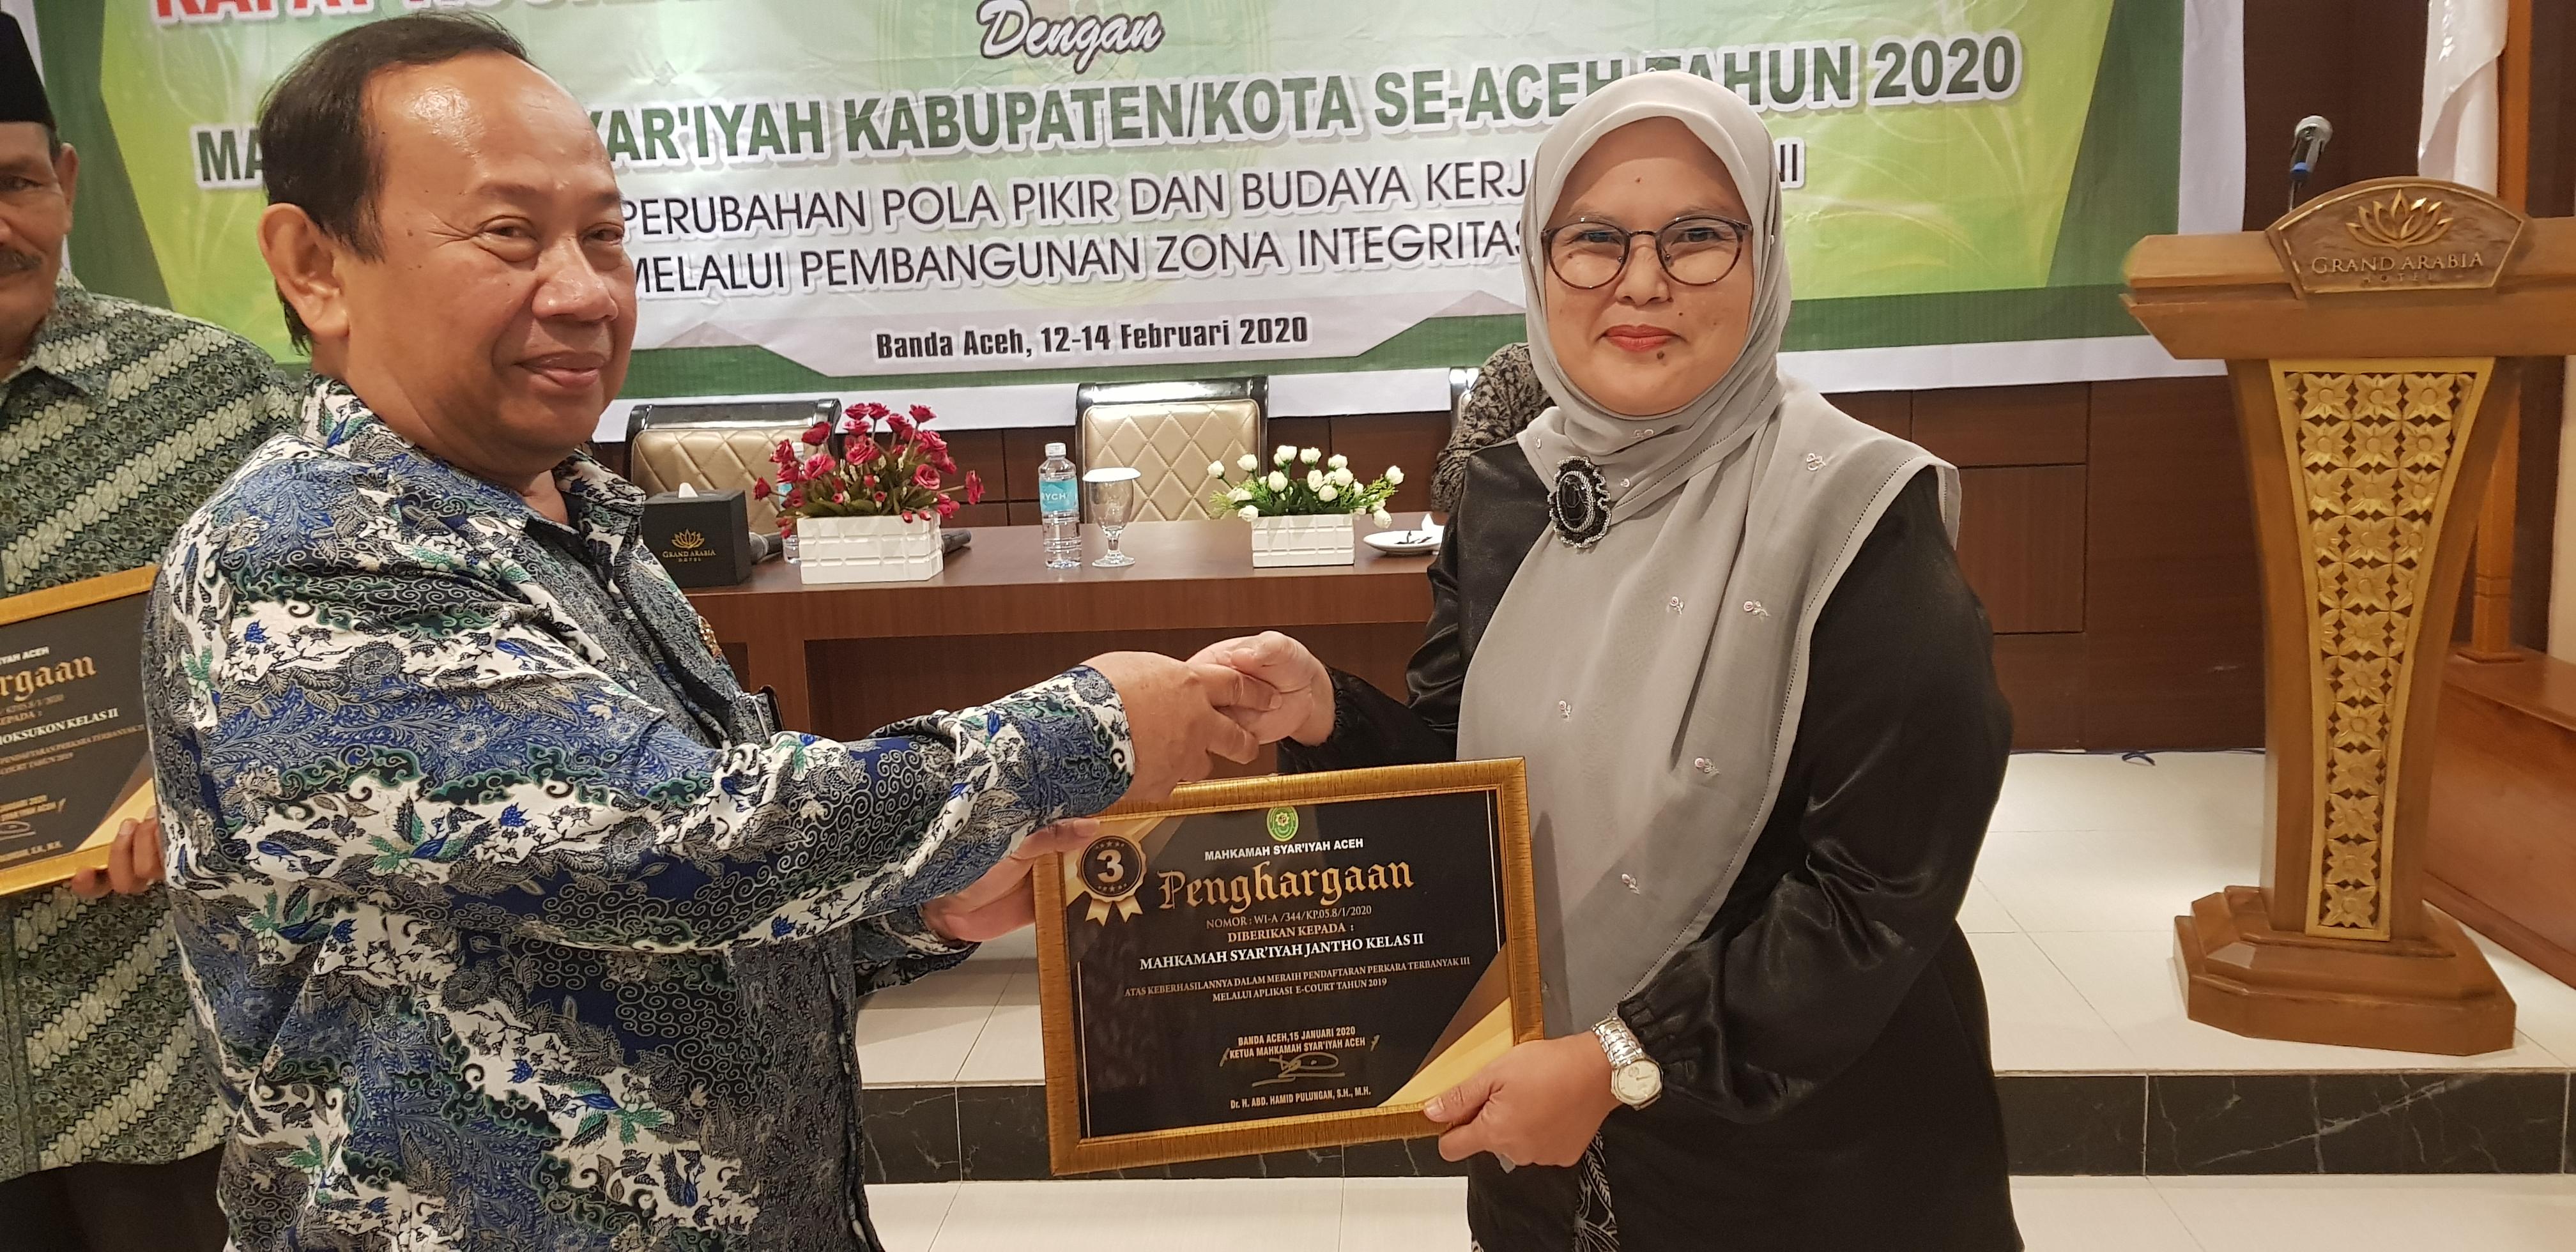 Mahkamah Syar'iyah Jantho Mendapat 2 Penghargaan dari MS  Aceh | (17/2)